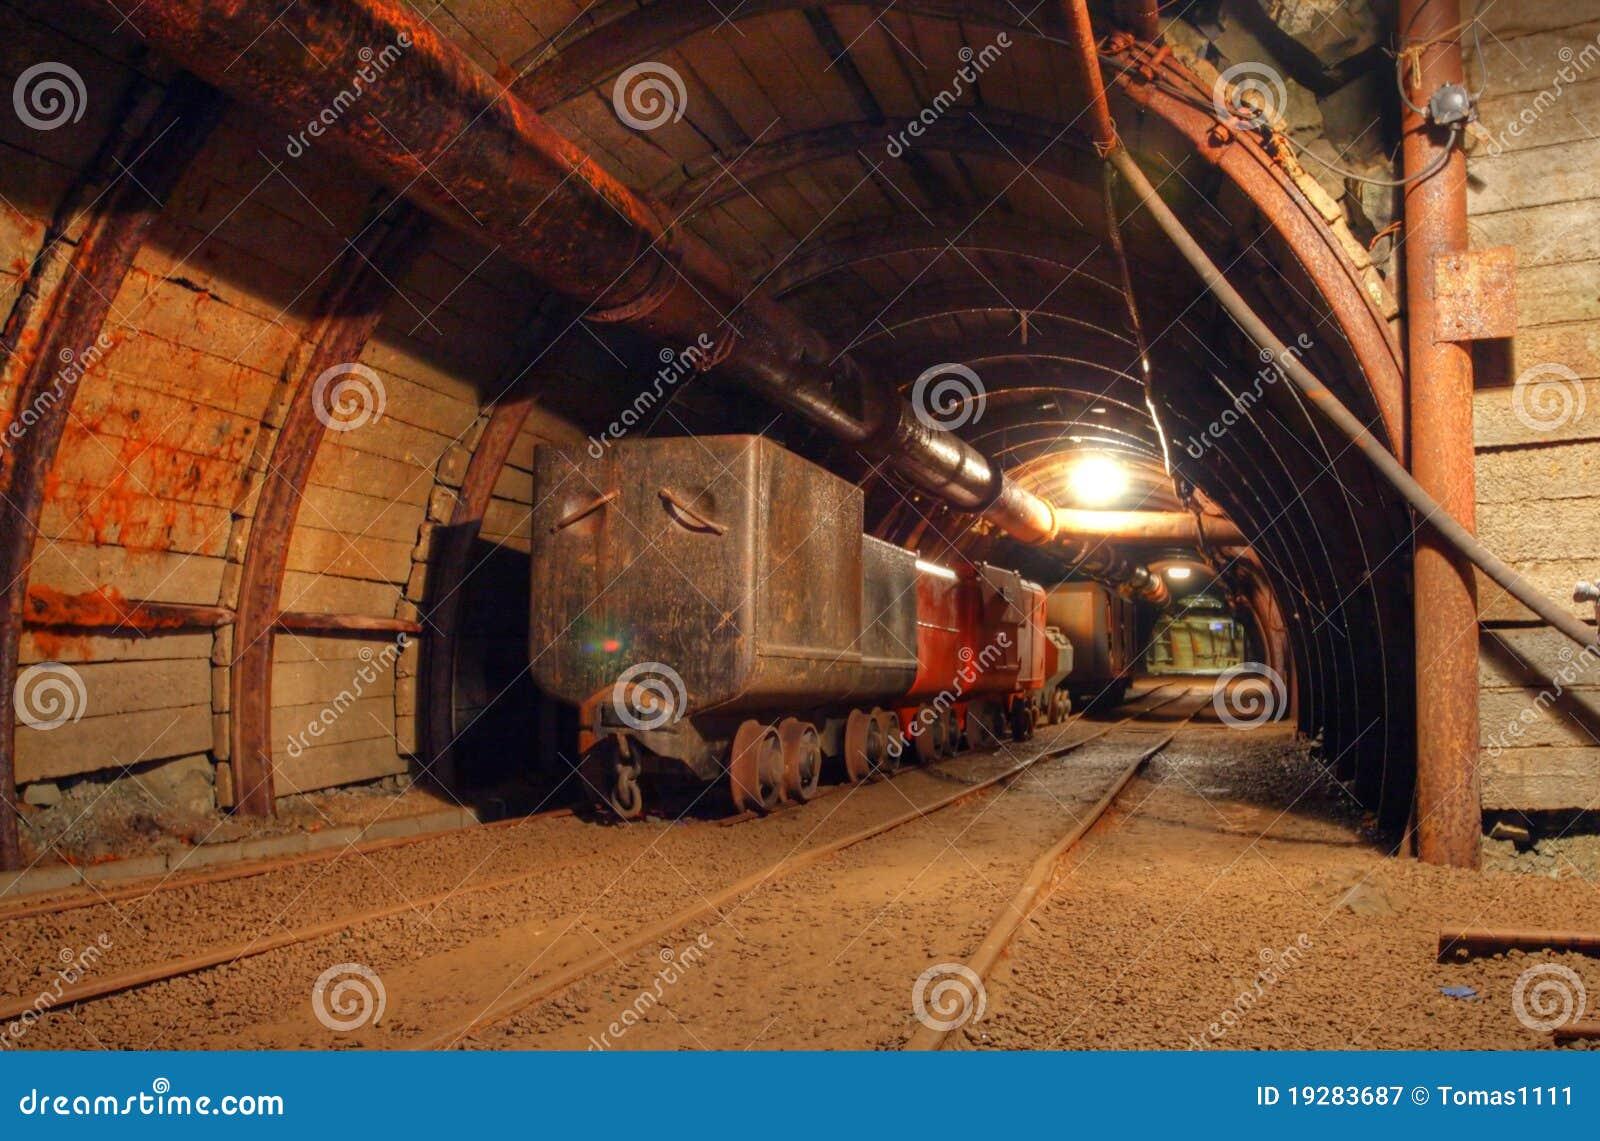 Historical gold, silver, copper mine